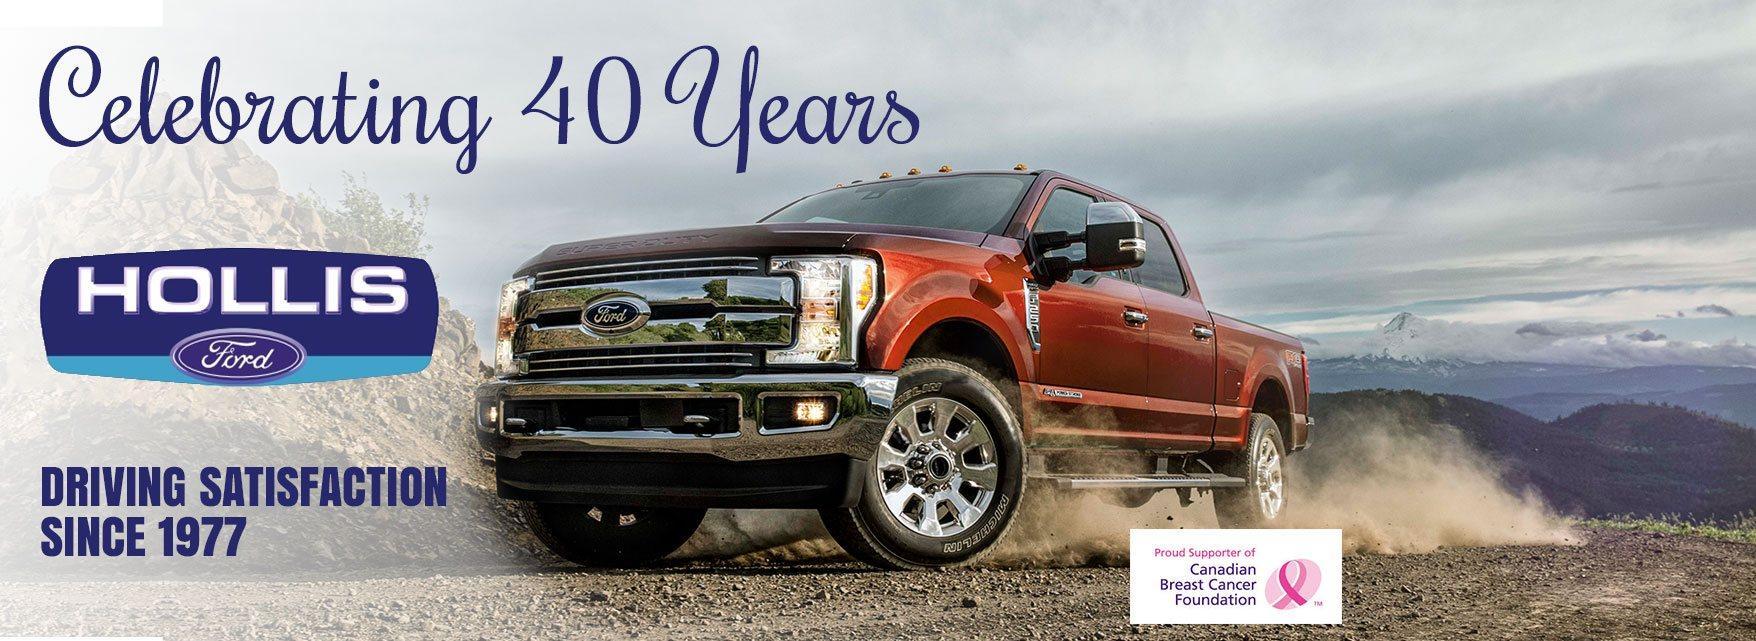 40 years celebration